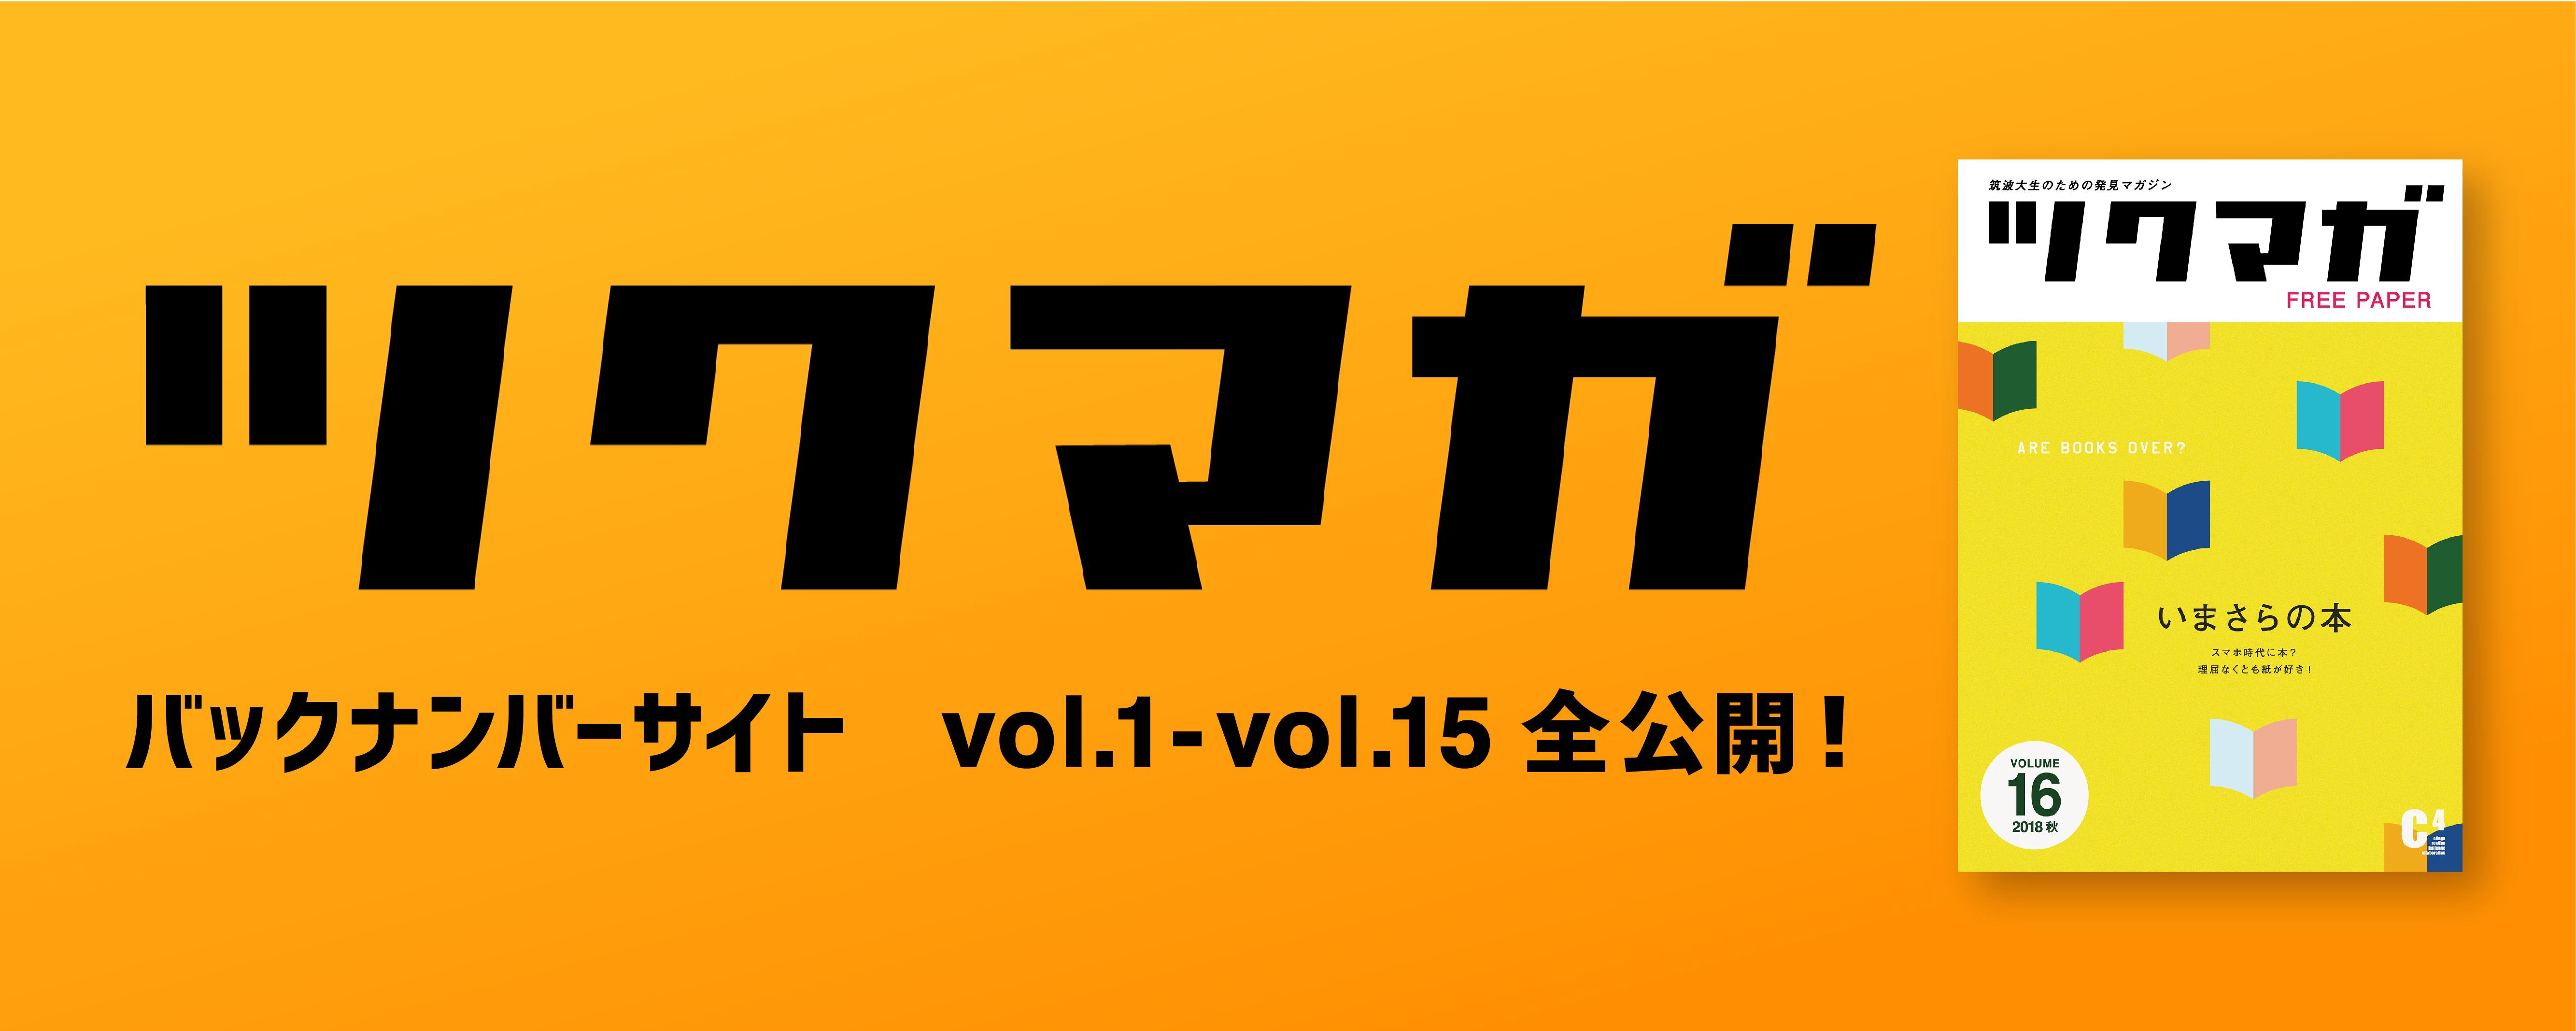 ツクマガバックナンバーサイト ▲C4発行の「ツクマガ」が全て読めるサイト